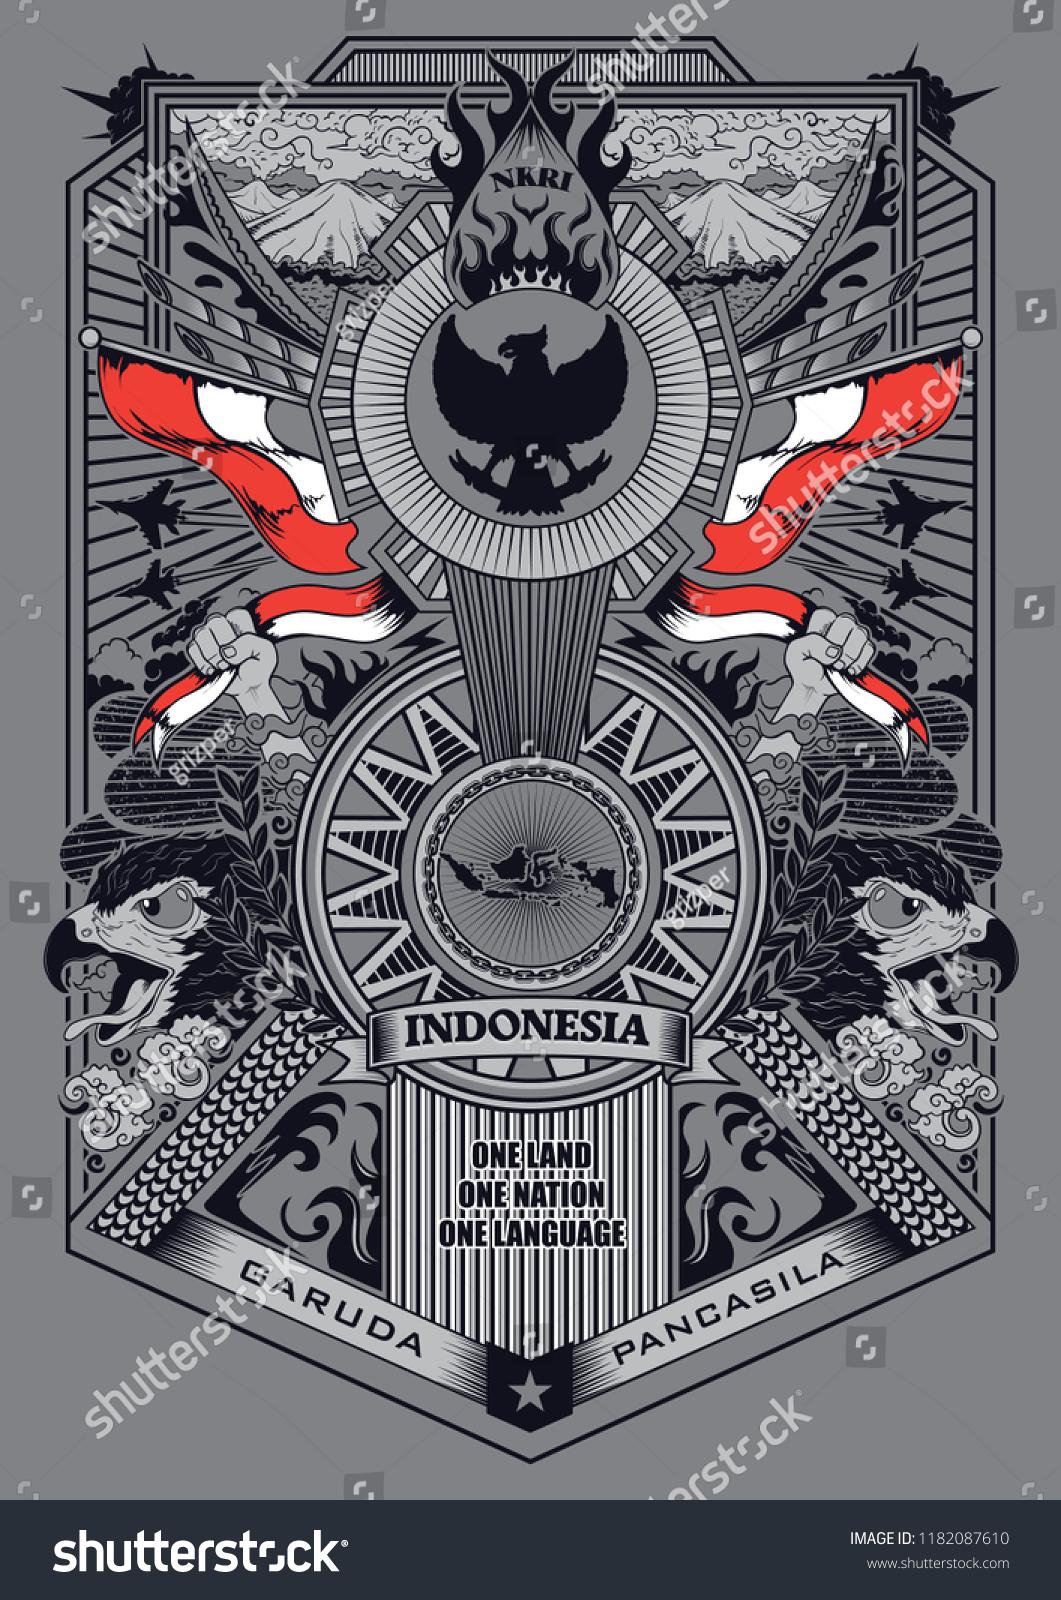 Garuda Vector Art : garuda, vector, Spirit, Garuda, Pancasila, Illustration, Stock, Vector, (Royalty, Free), 1182087610